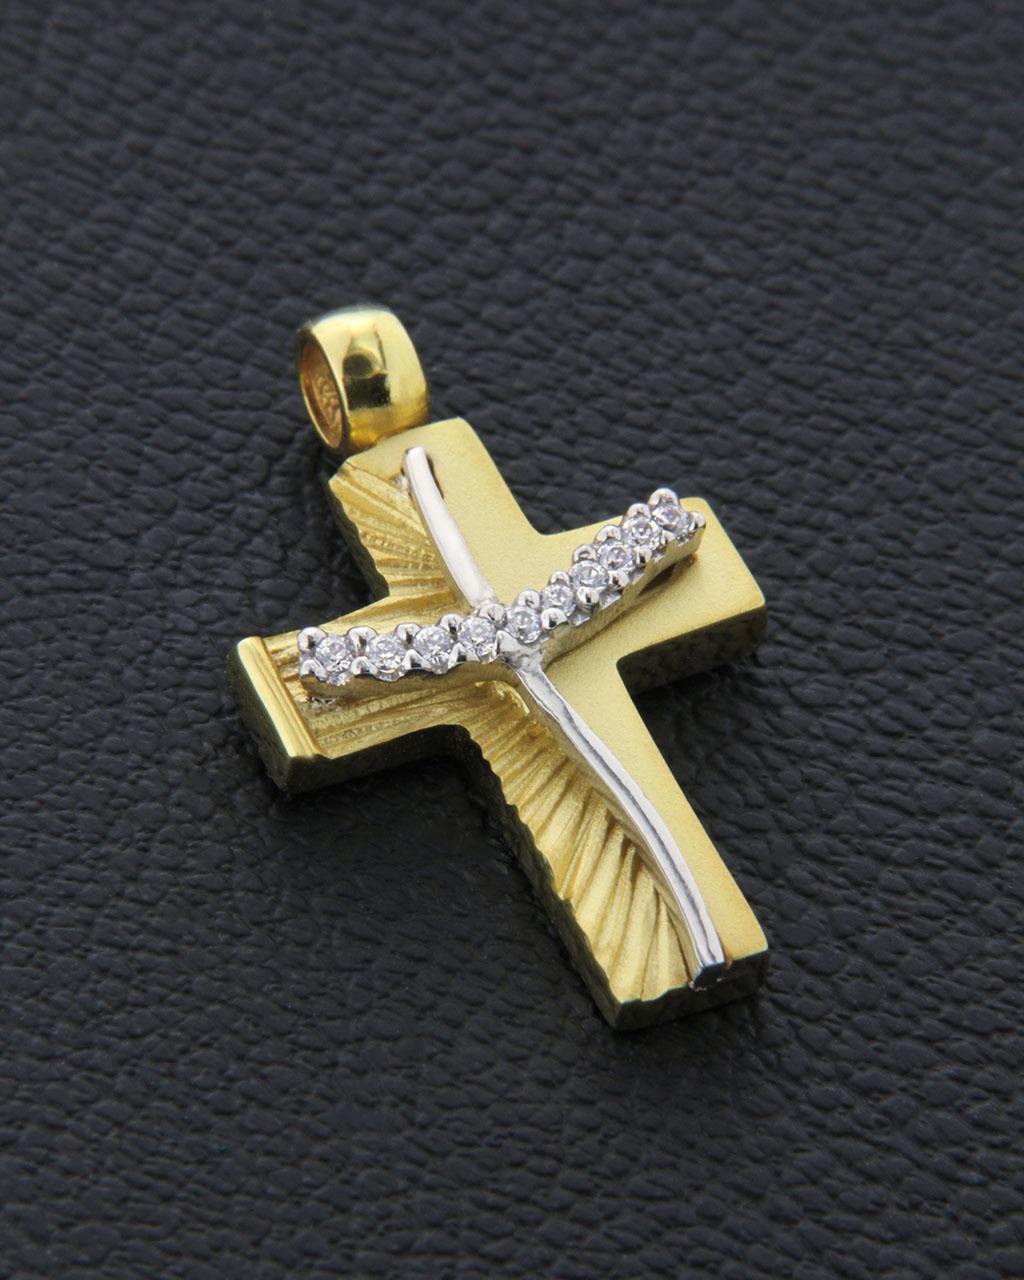 Σταυρός βαπτιστικός χρυσός & λευκόχρυσος Κ14   γυναικα σταυροί σταυροί χρυσοί